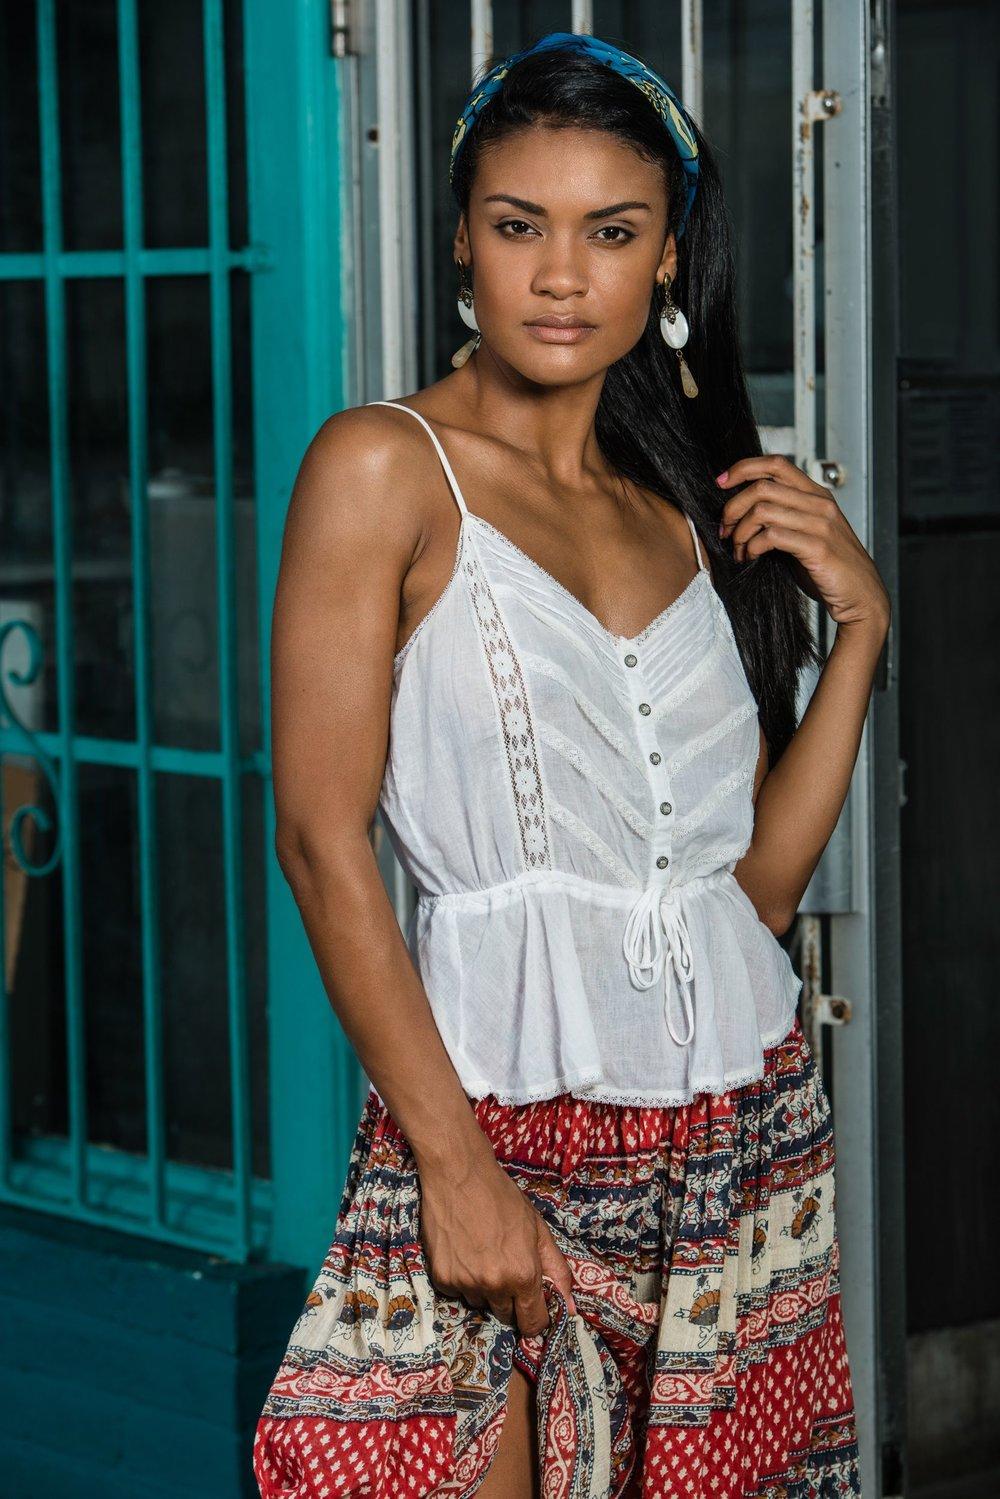 Portrait Photographer South Florida